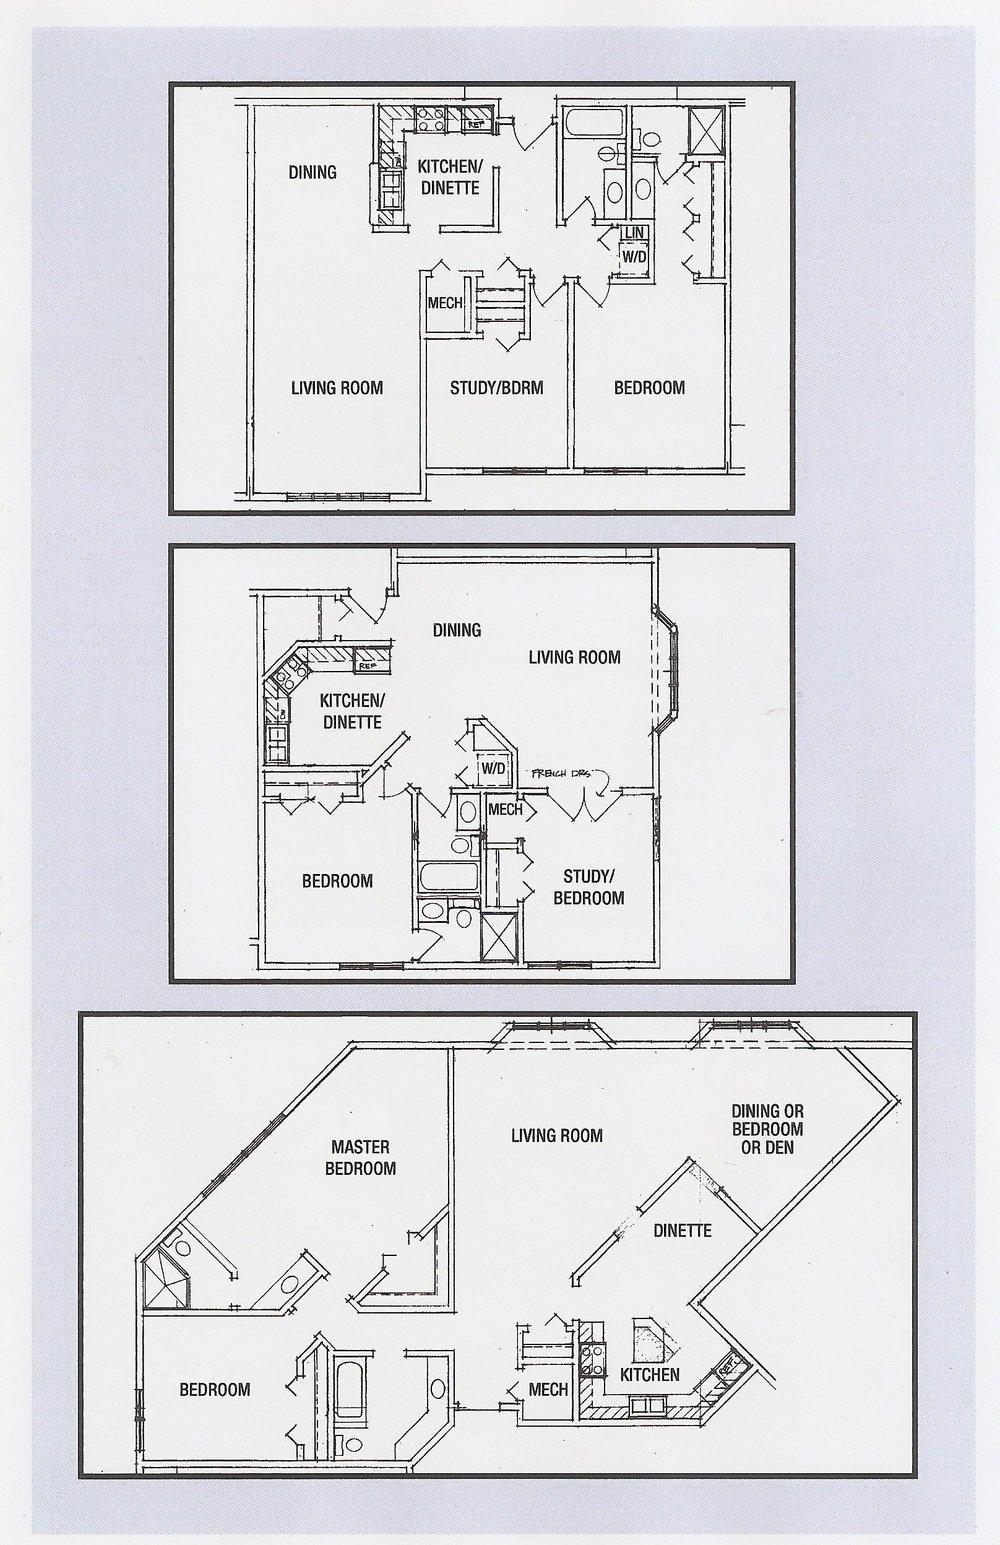 Landings Floor Plan.JPG